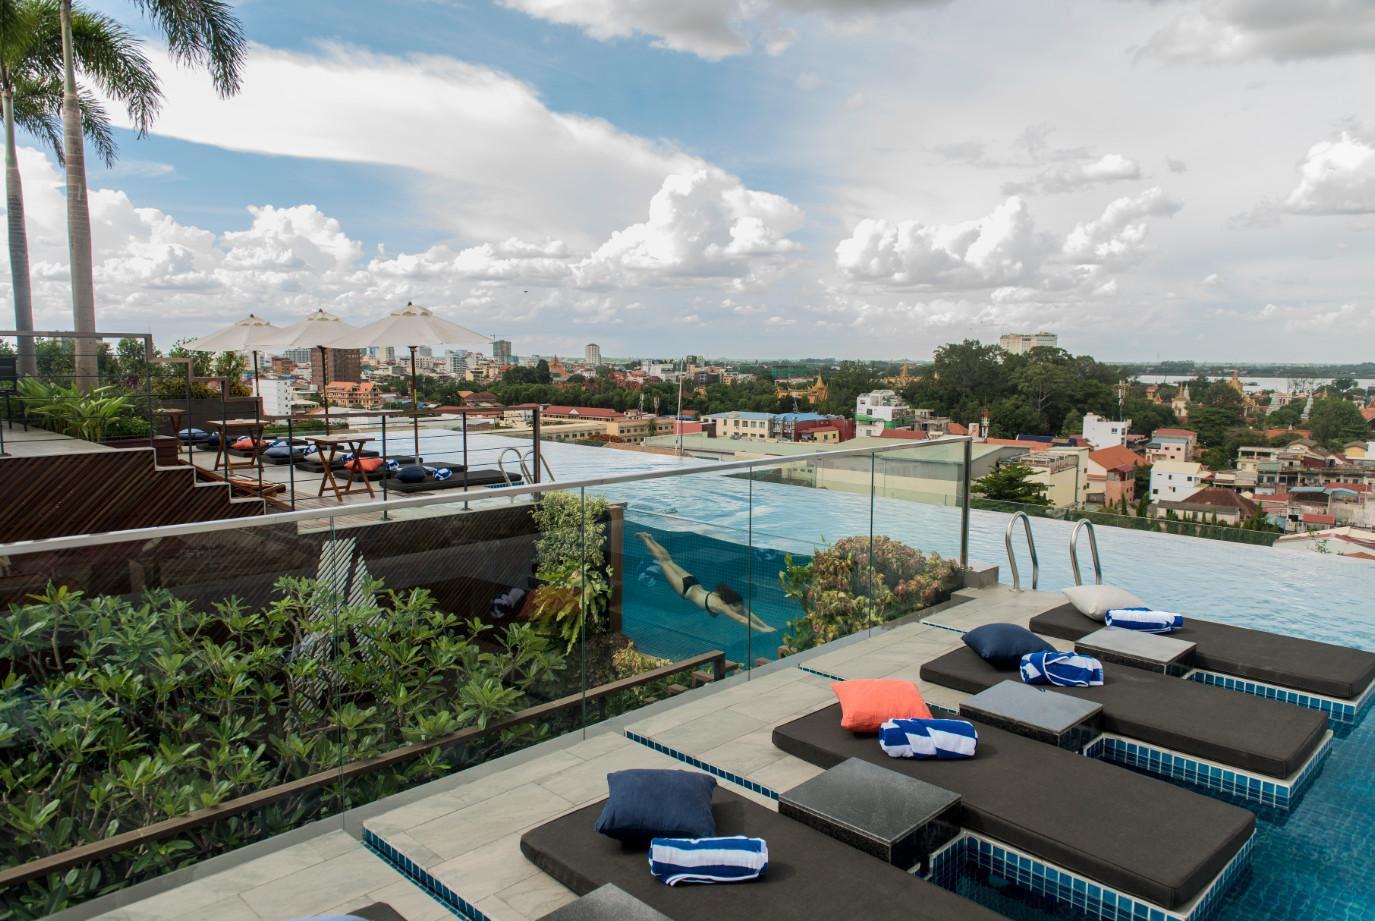 Aquarius Hotel & Urban Resort Reviews